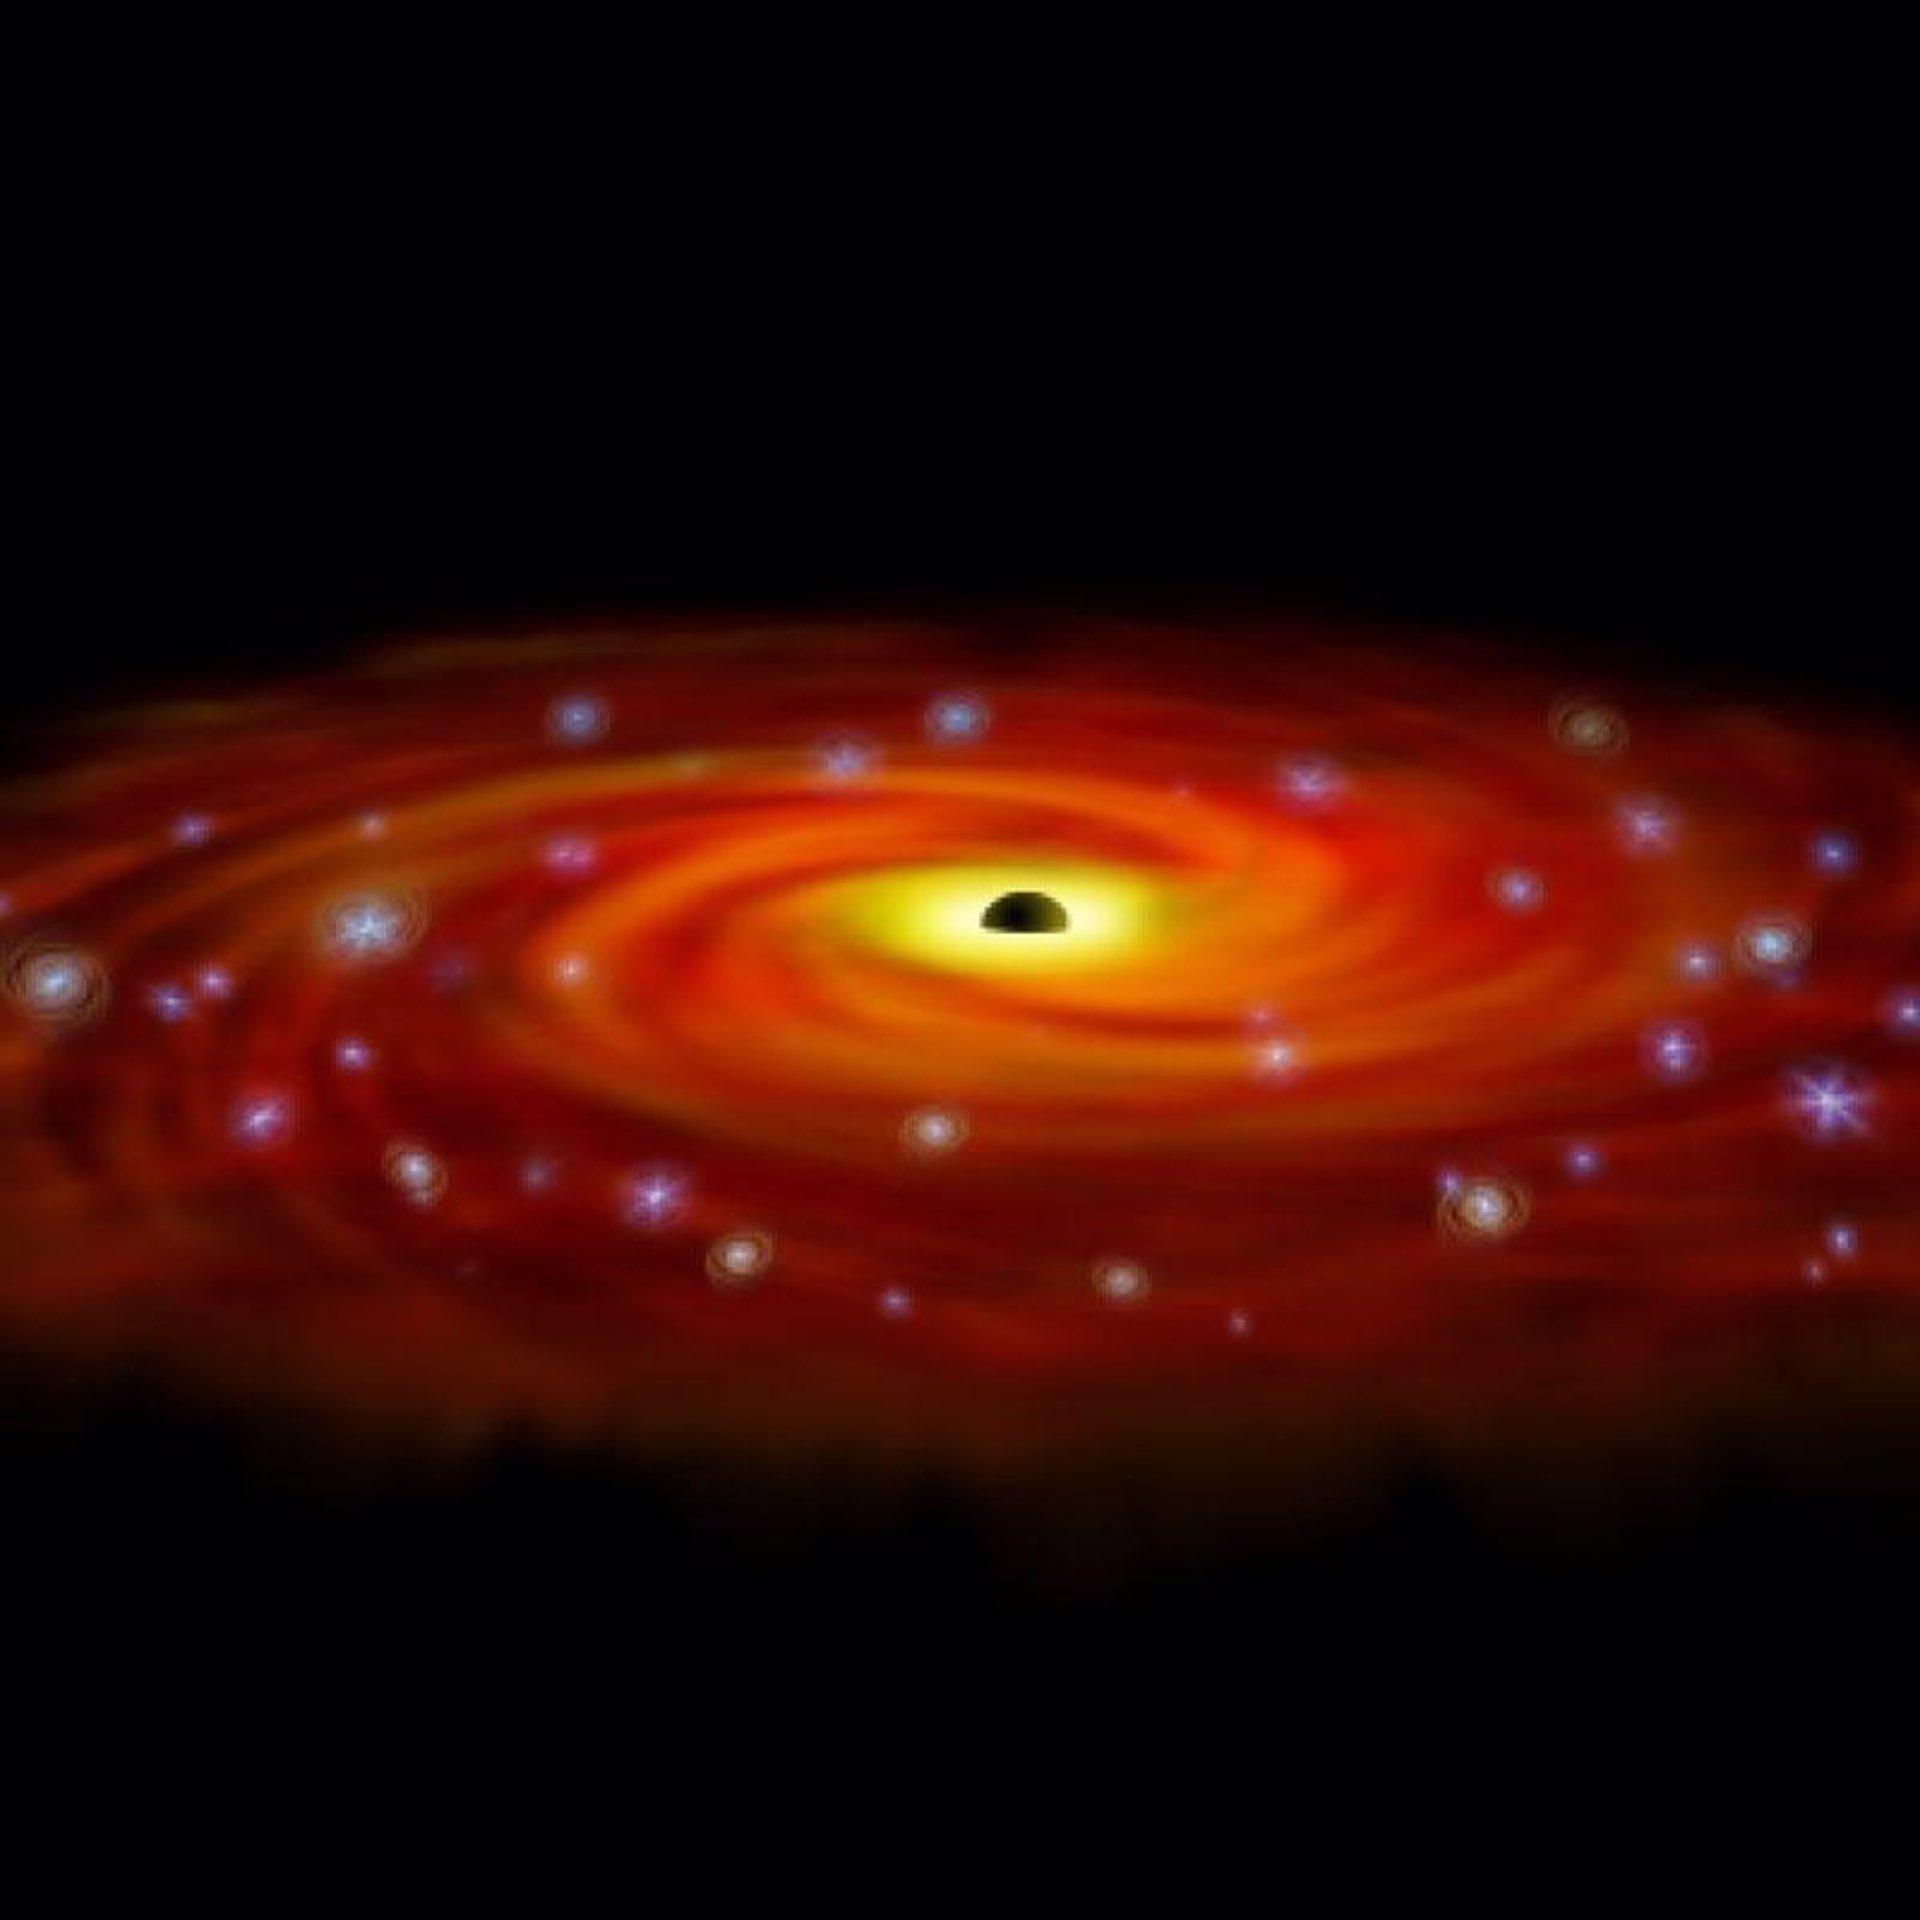 Científicos trabajan en un multitelescopio que permitirá ver un agujero negro en detalle